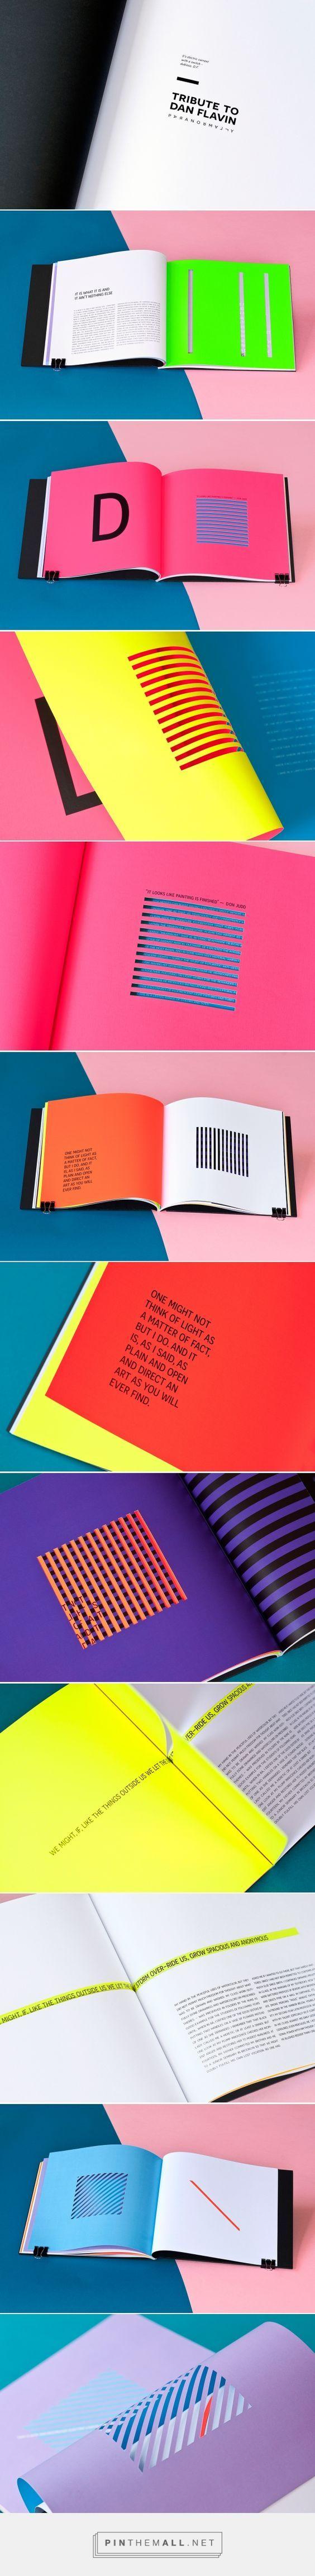 Juegos con troquelado de páginas